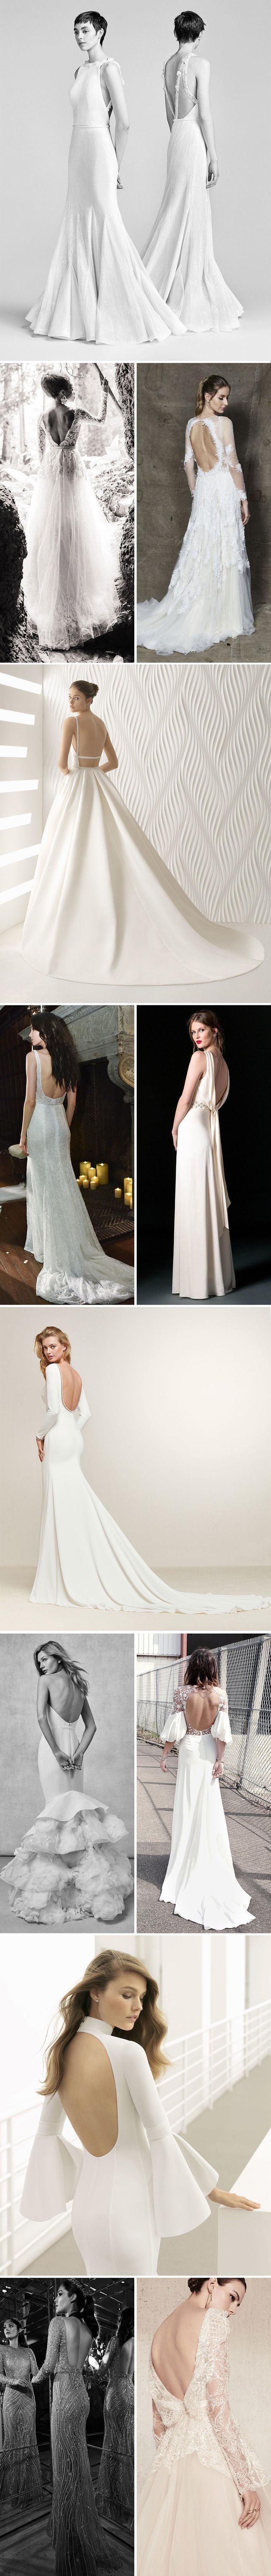 Modelos de vestidos de noiva decote nas costas